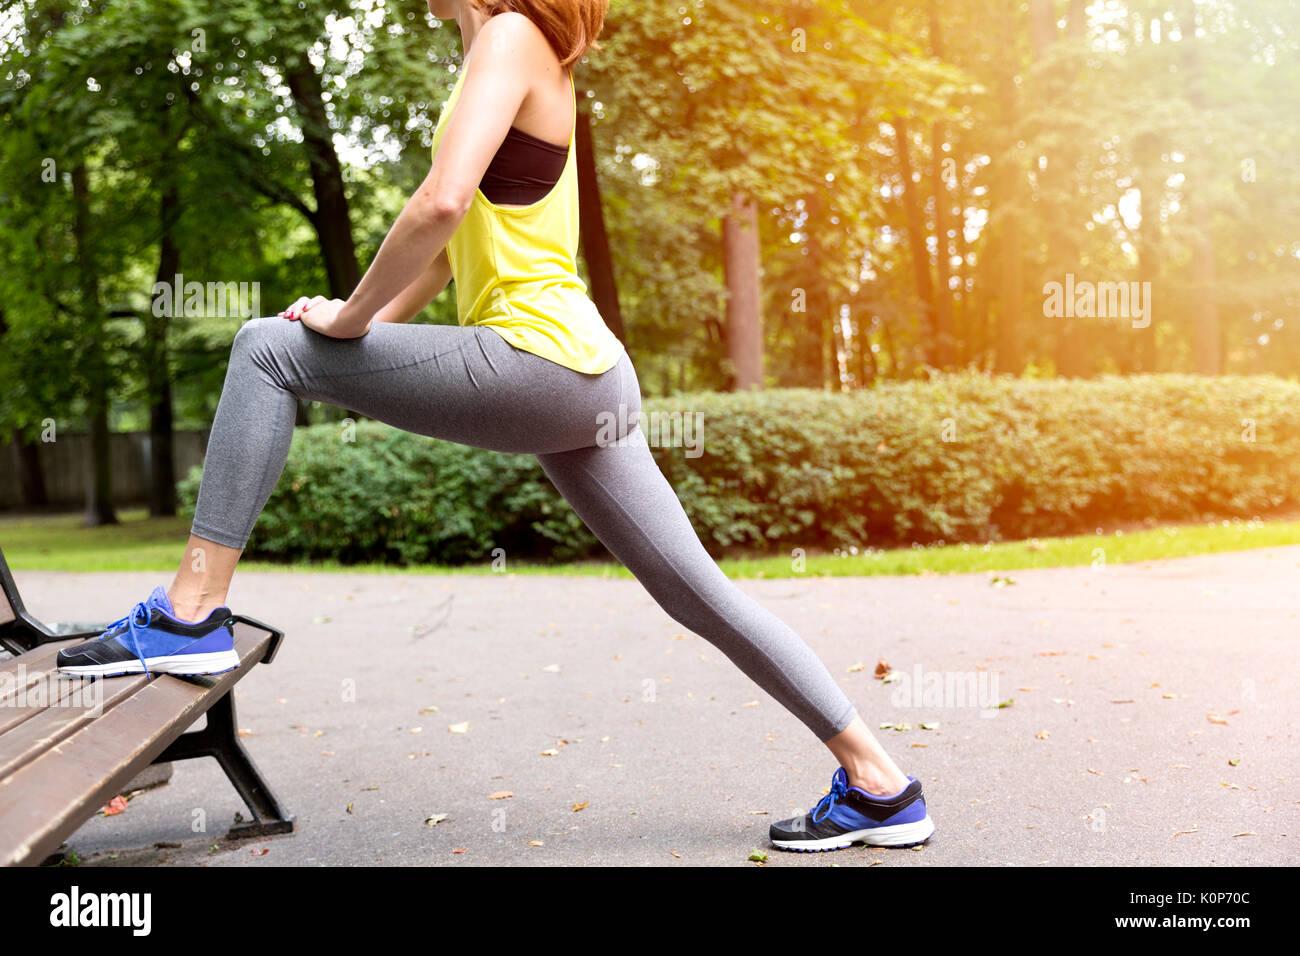 Jeune femme en bonne santé les étirements avant l'exercice et de remise en forme dans le parc, le mode de vie sain concept Photo Stock